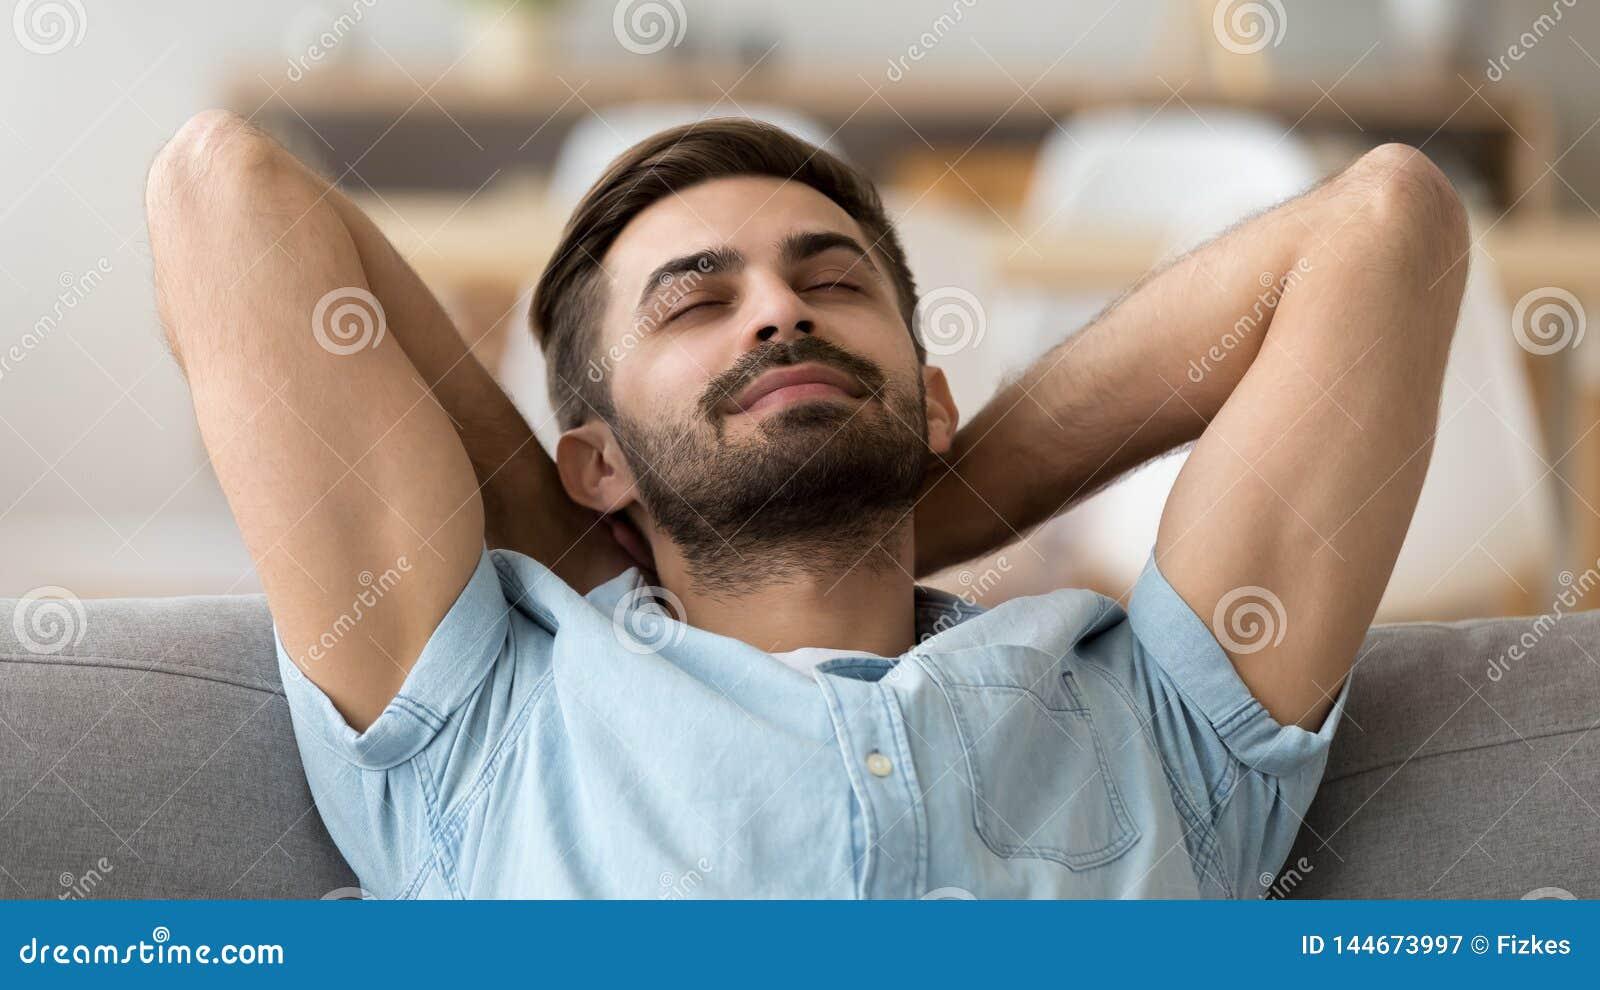 Spokojny pokojowy mężczyzna relaksuje z zamkniętymi oczami opartymi na kanapie z powrotem